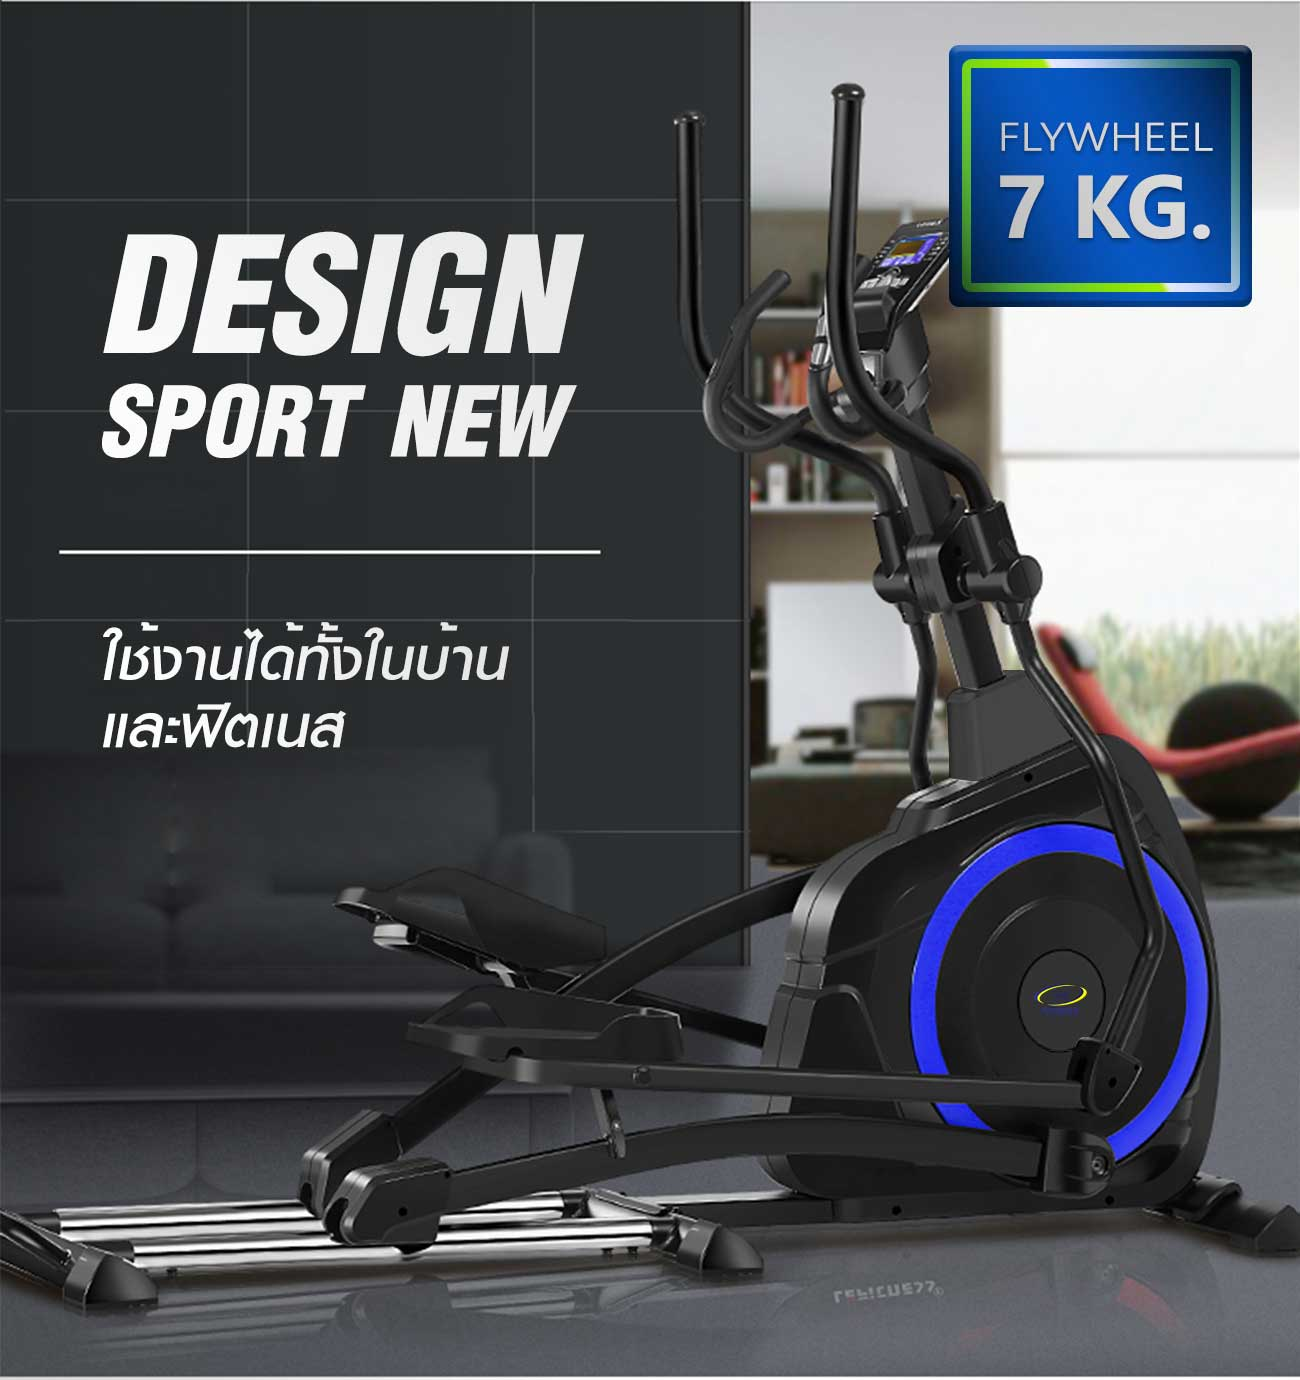 เครื่องเดินวงรี Electronic Elliptical bike EF01M (Flywheel 7 KG. )